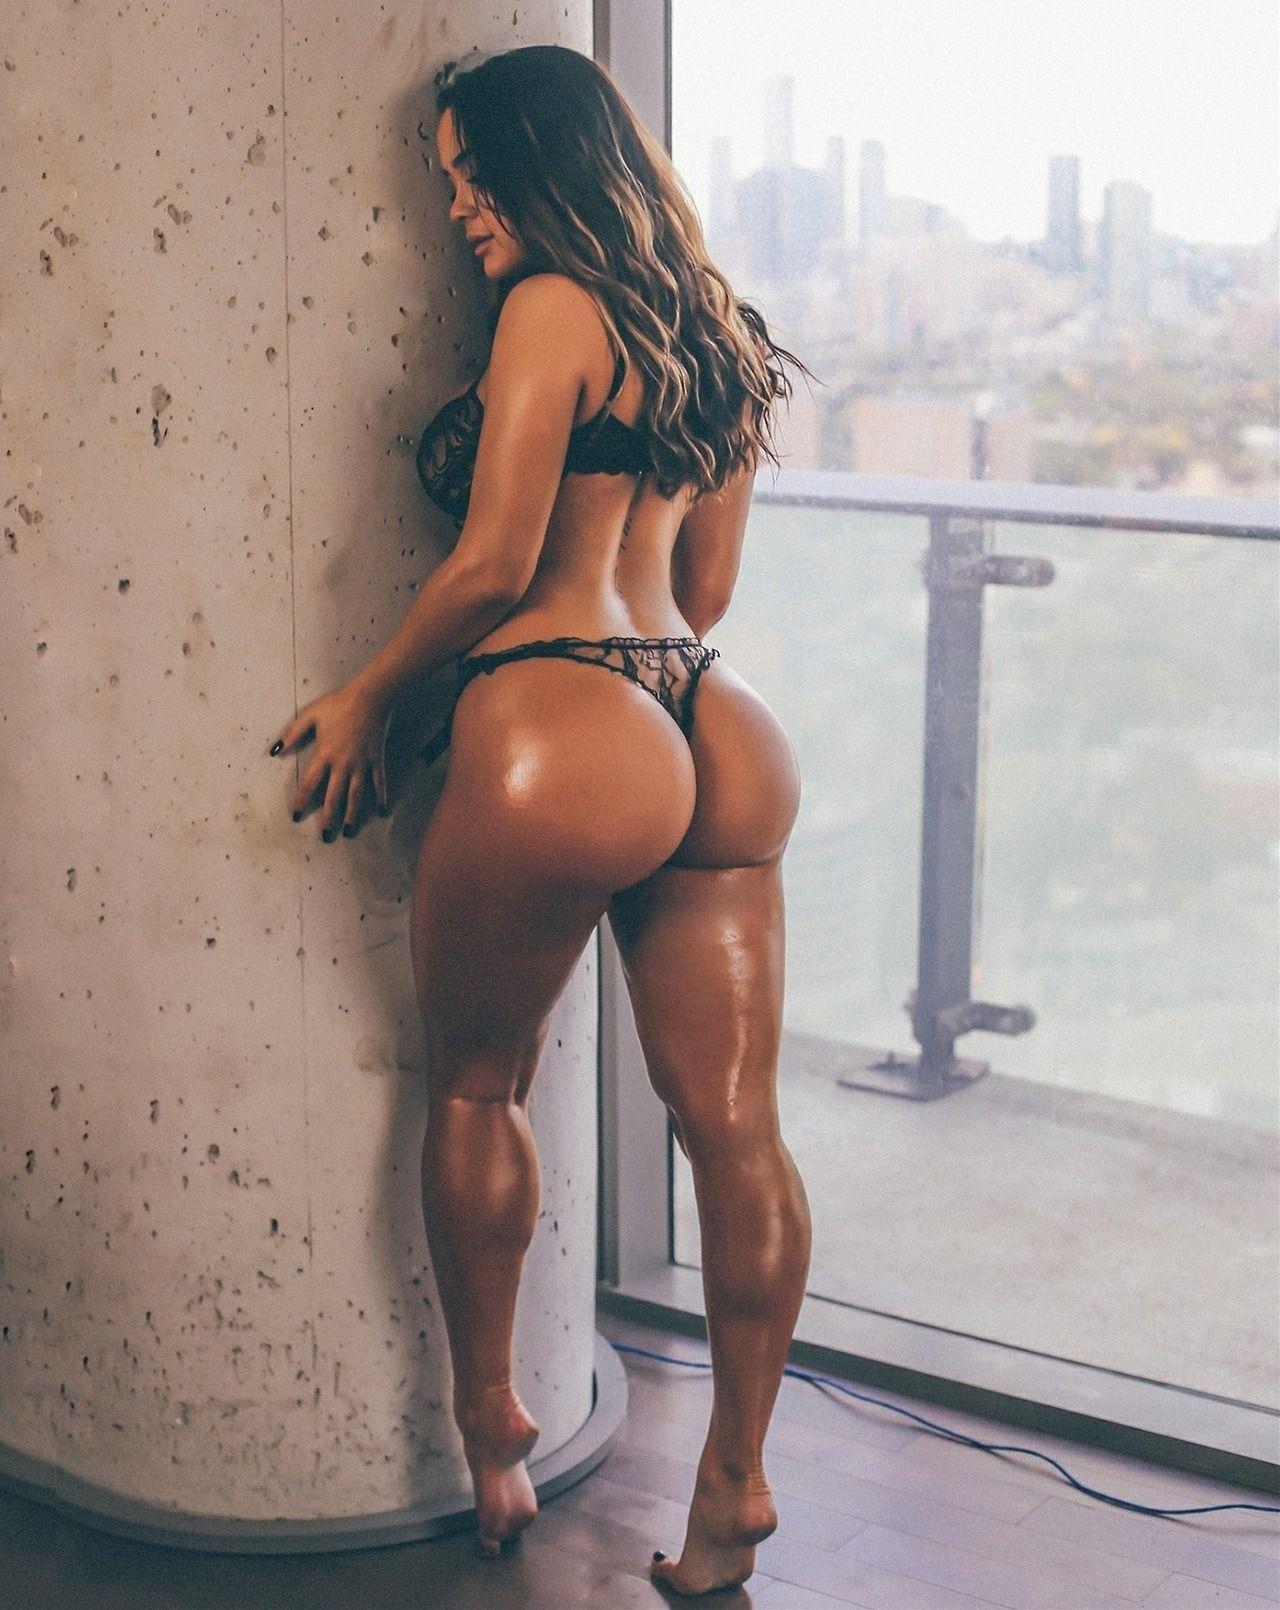 Hot Latina Ass Pics